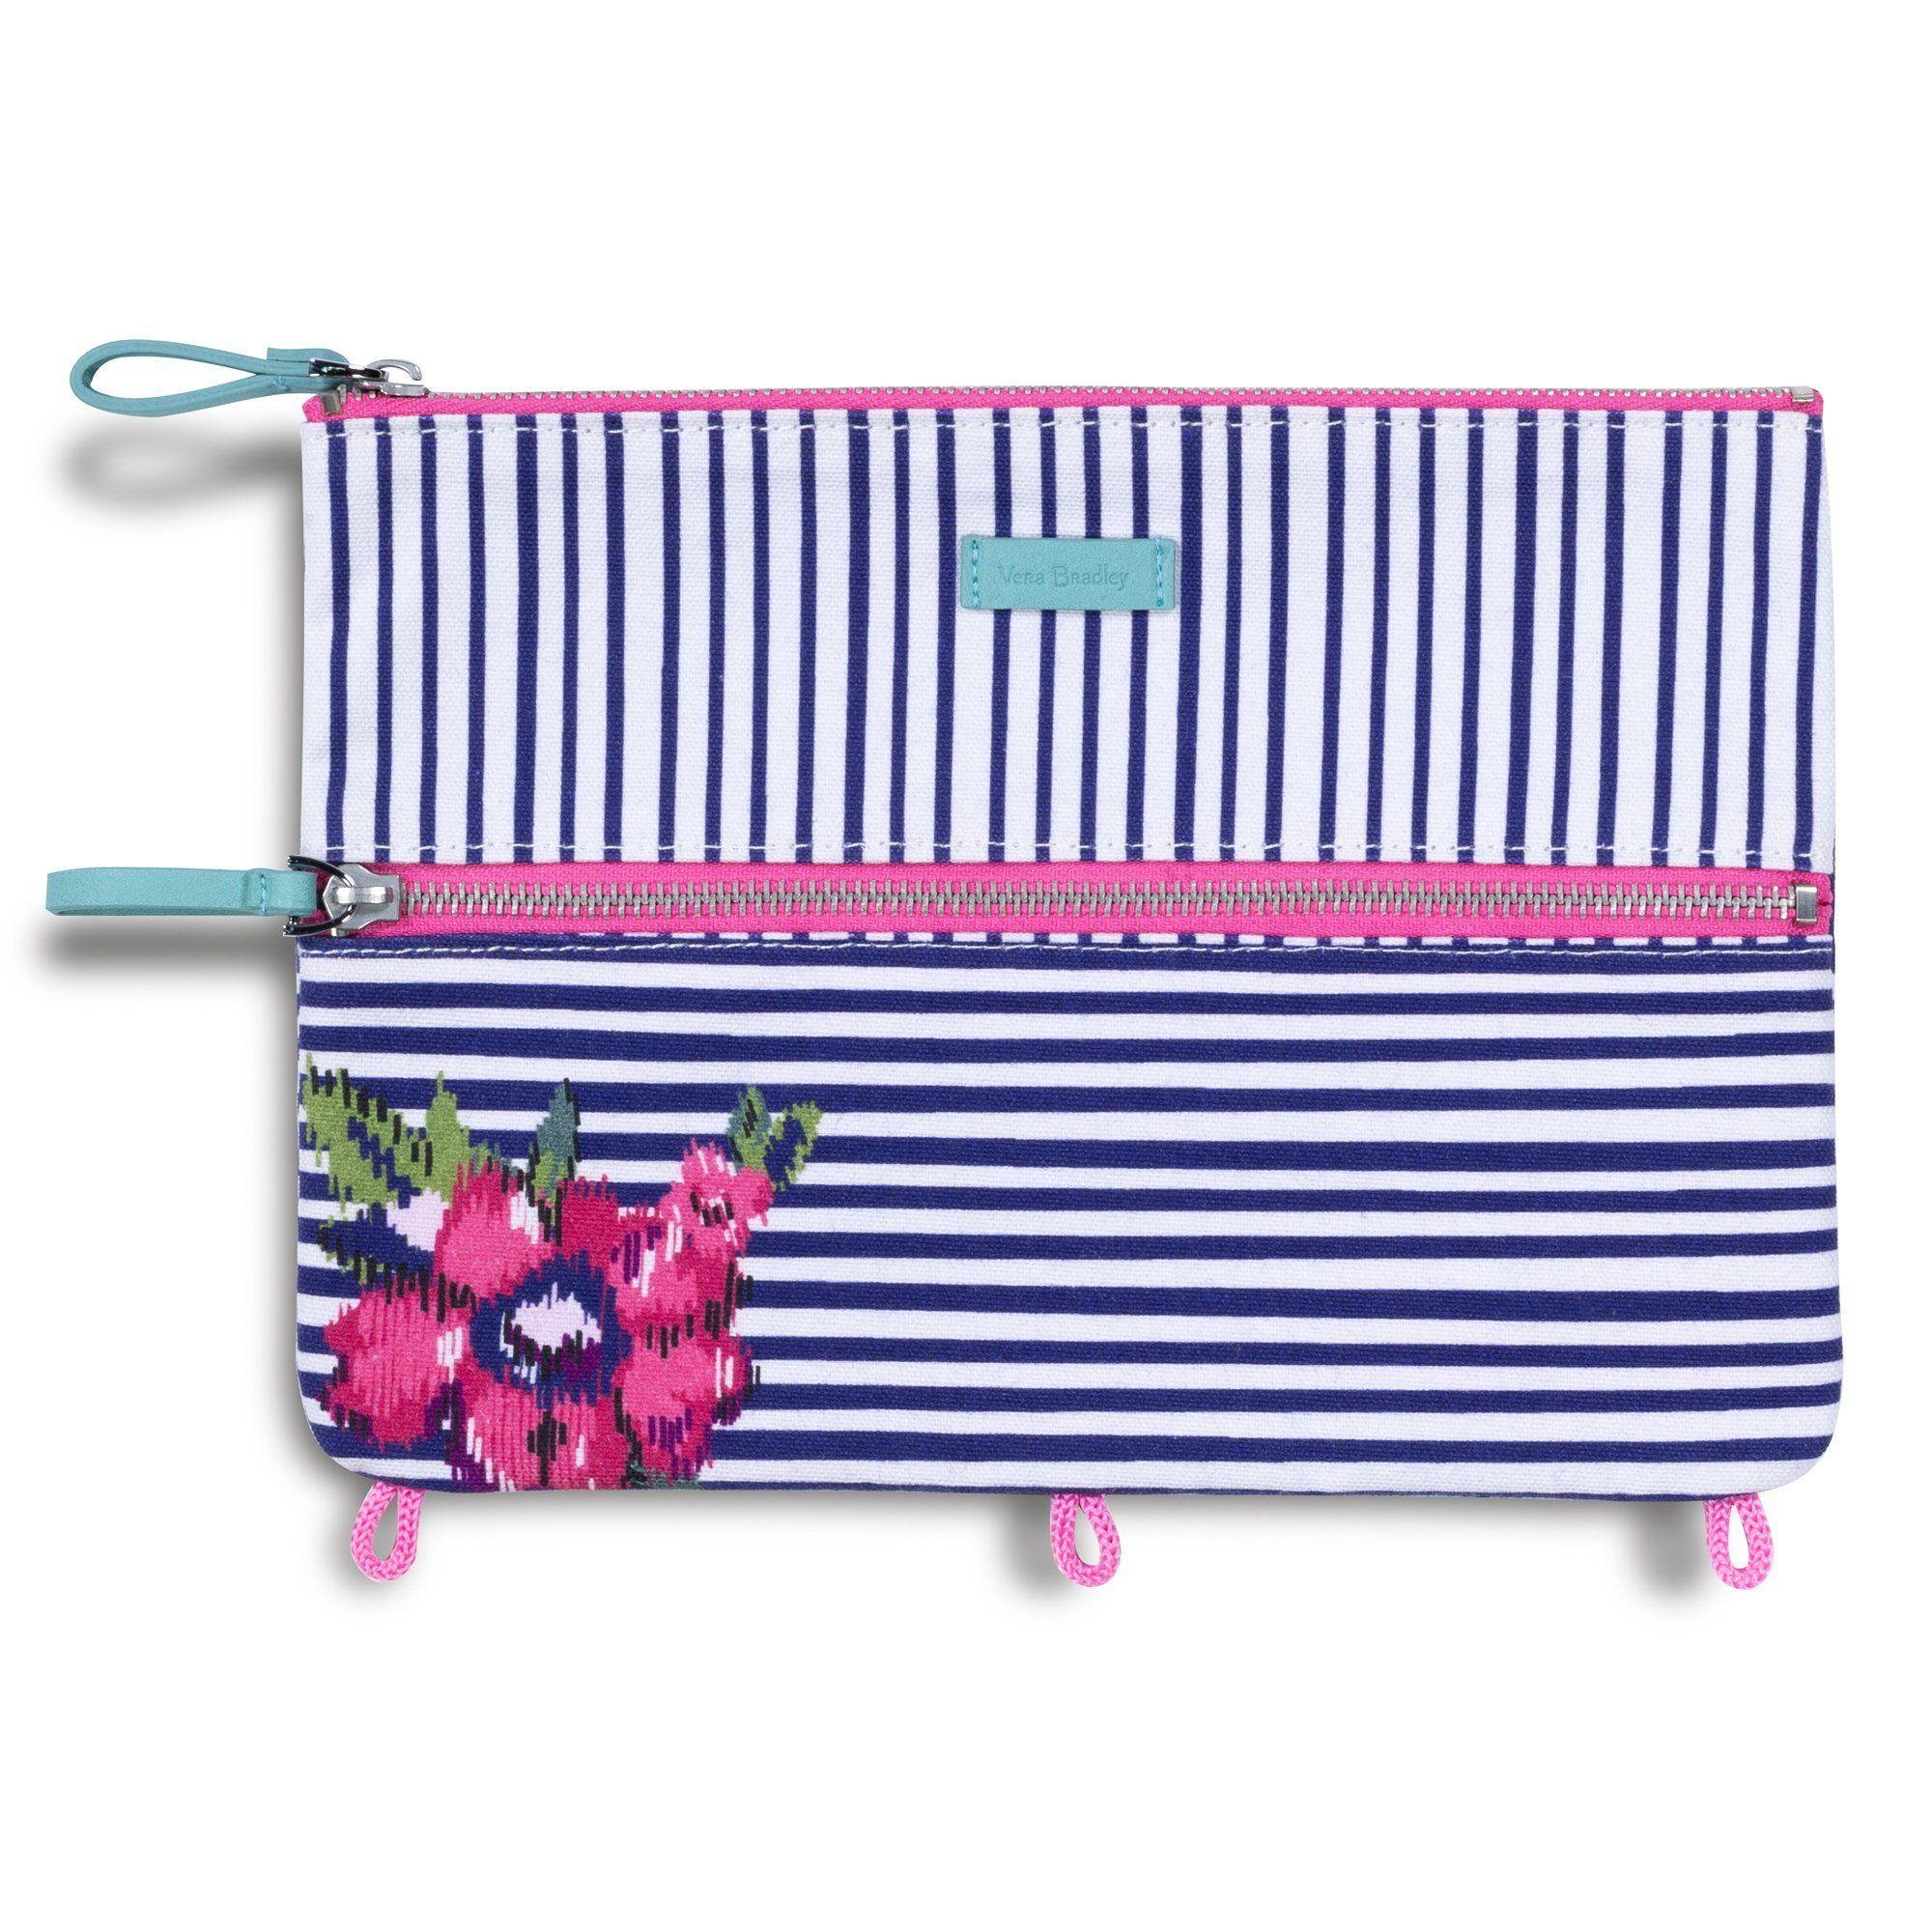 Vera Bradley Pencil Pouch, Water Bouquet Stripe In 2019